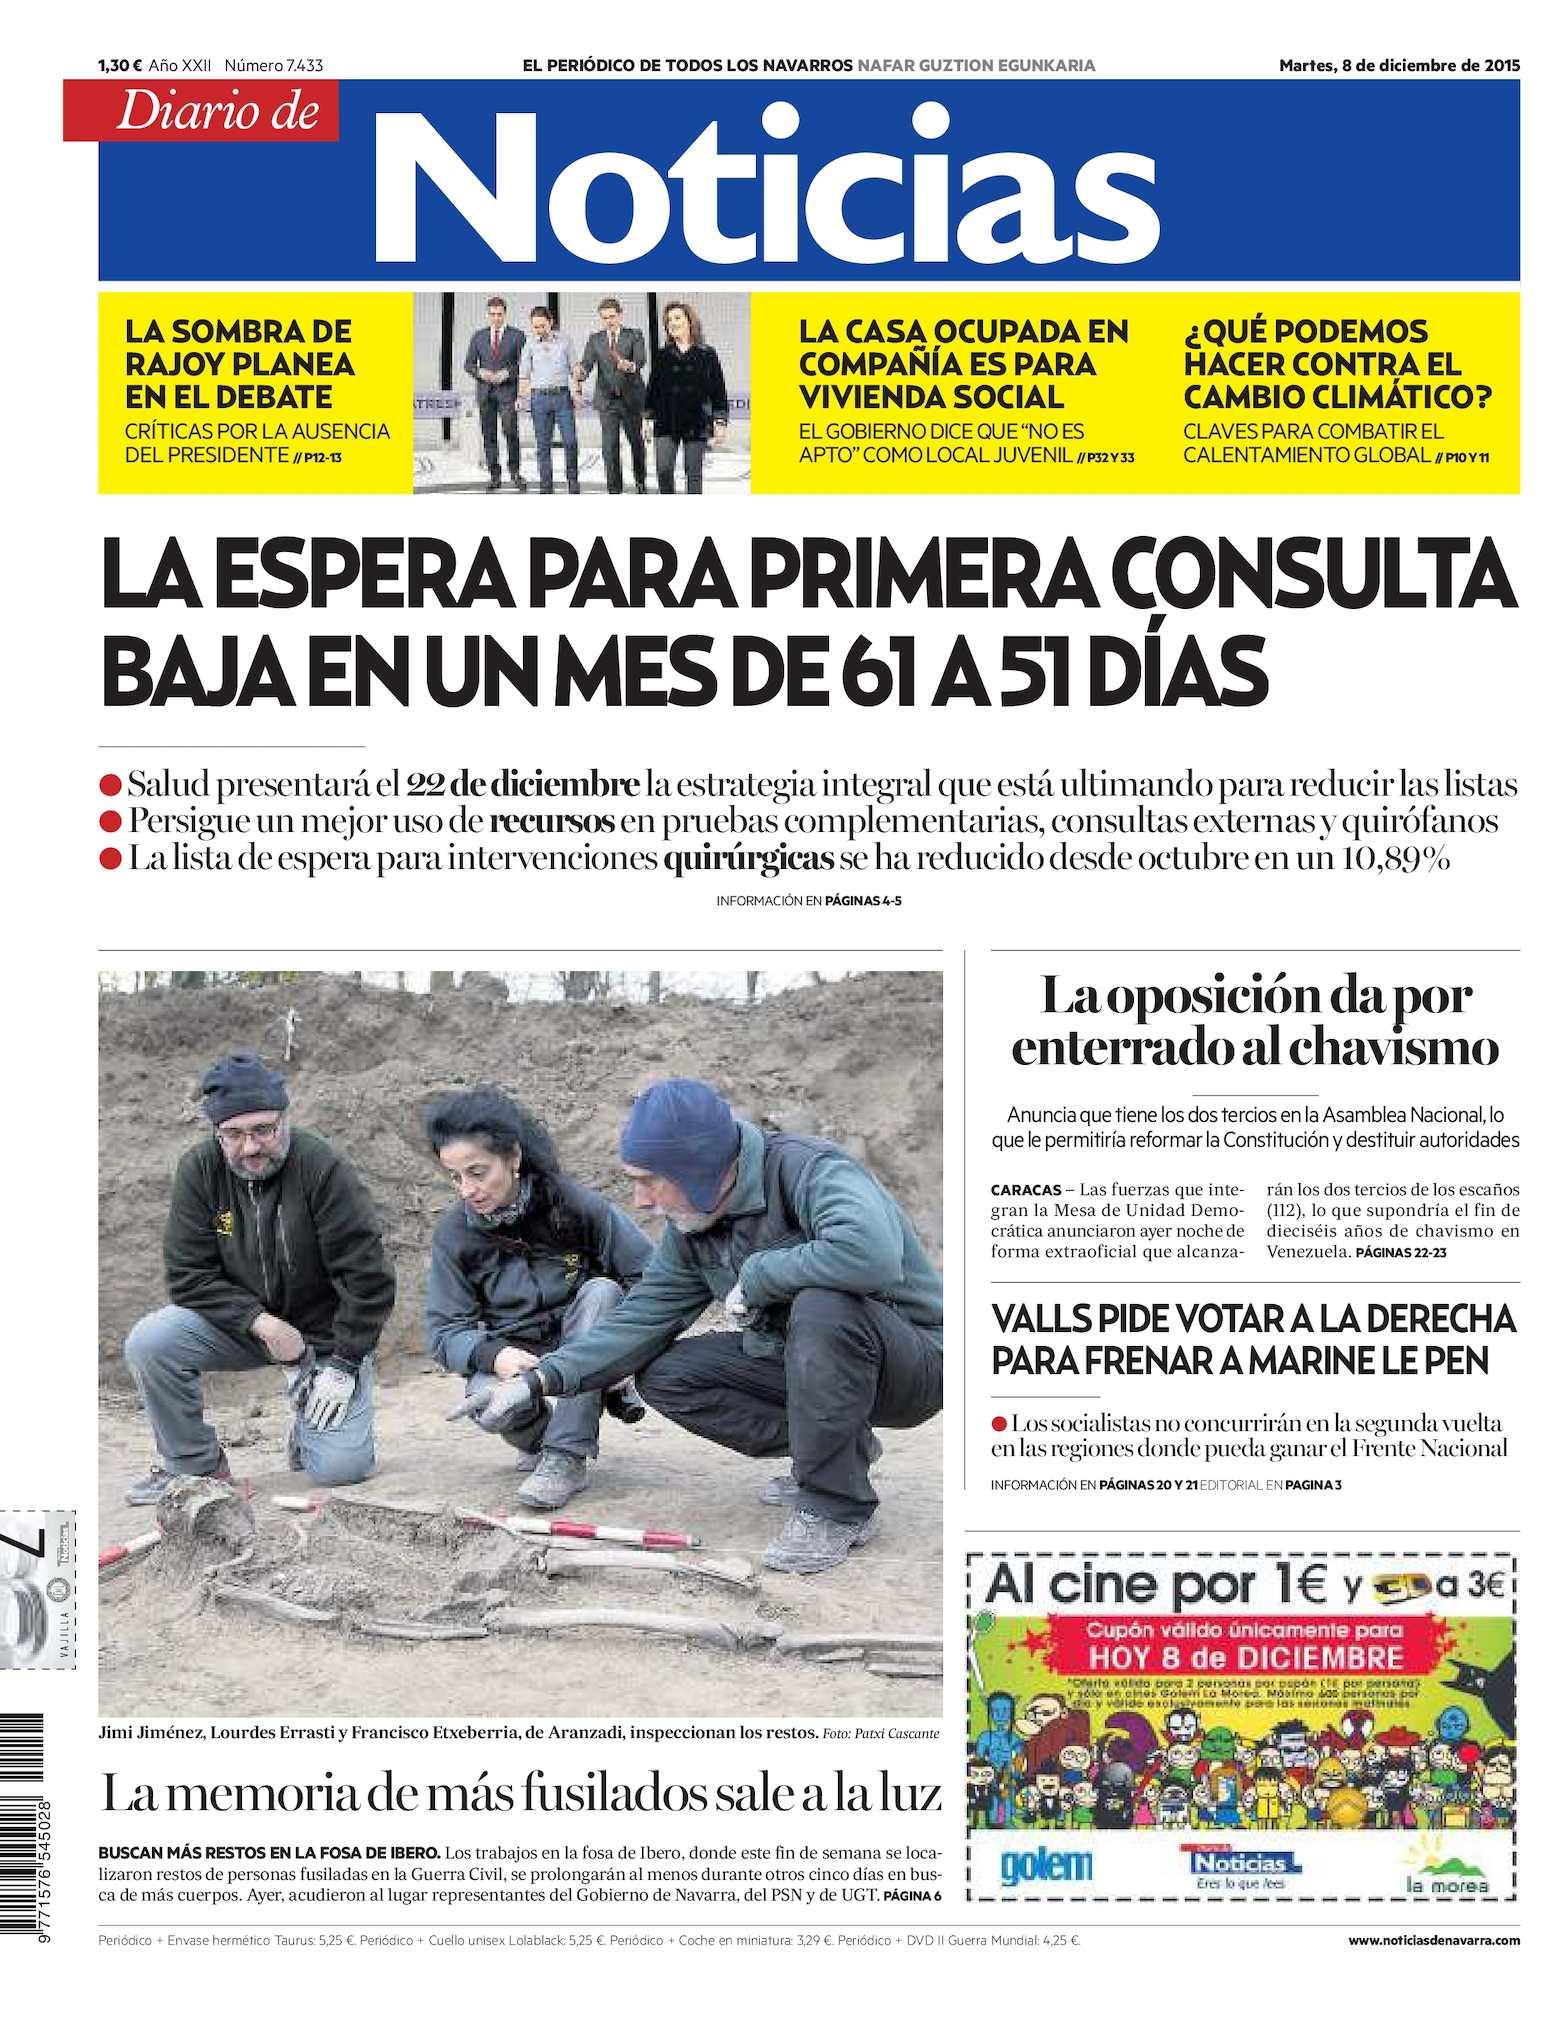 Calaméo - Diario de Noticias 20151208